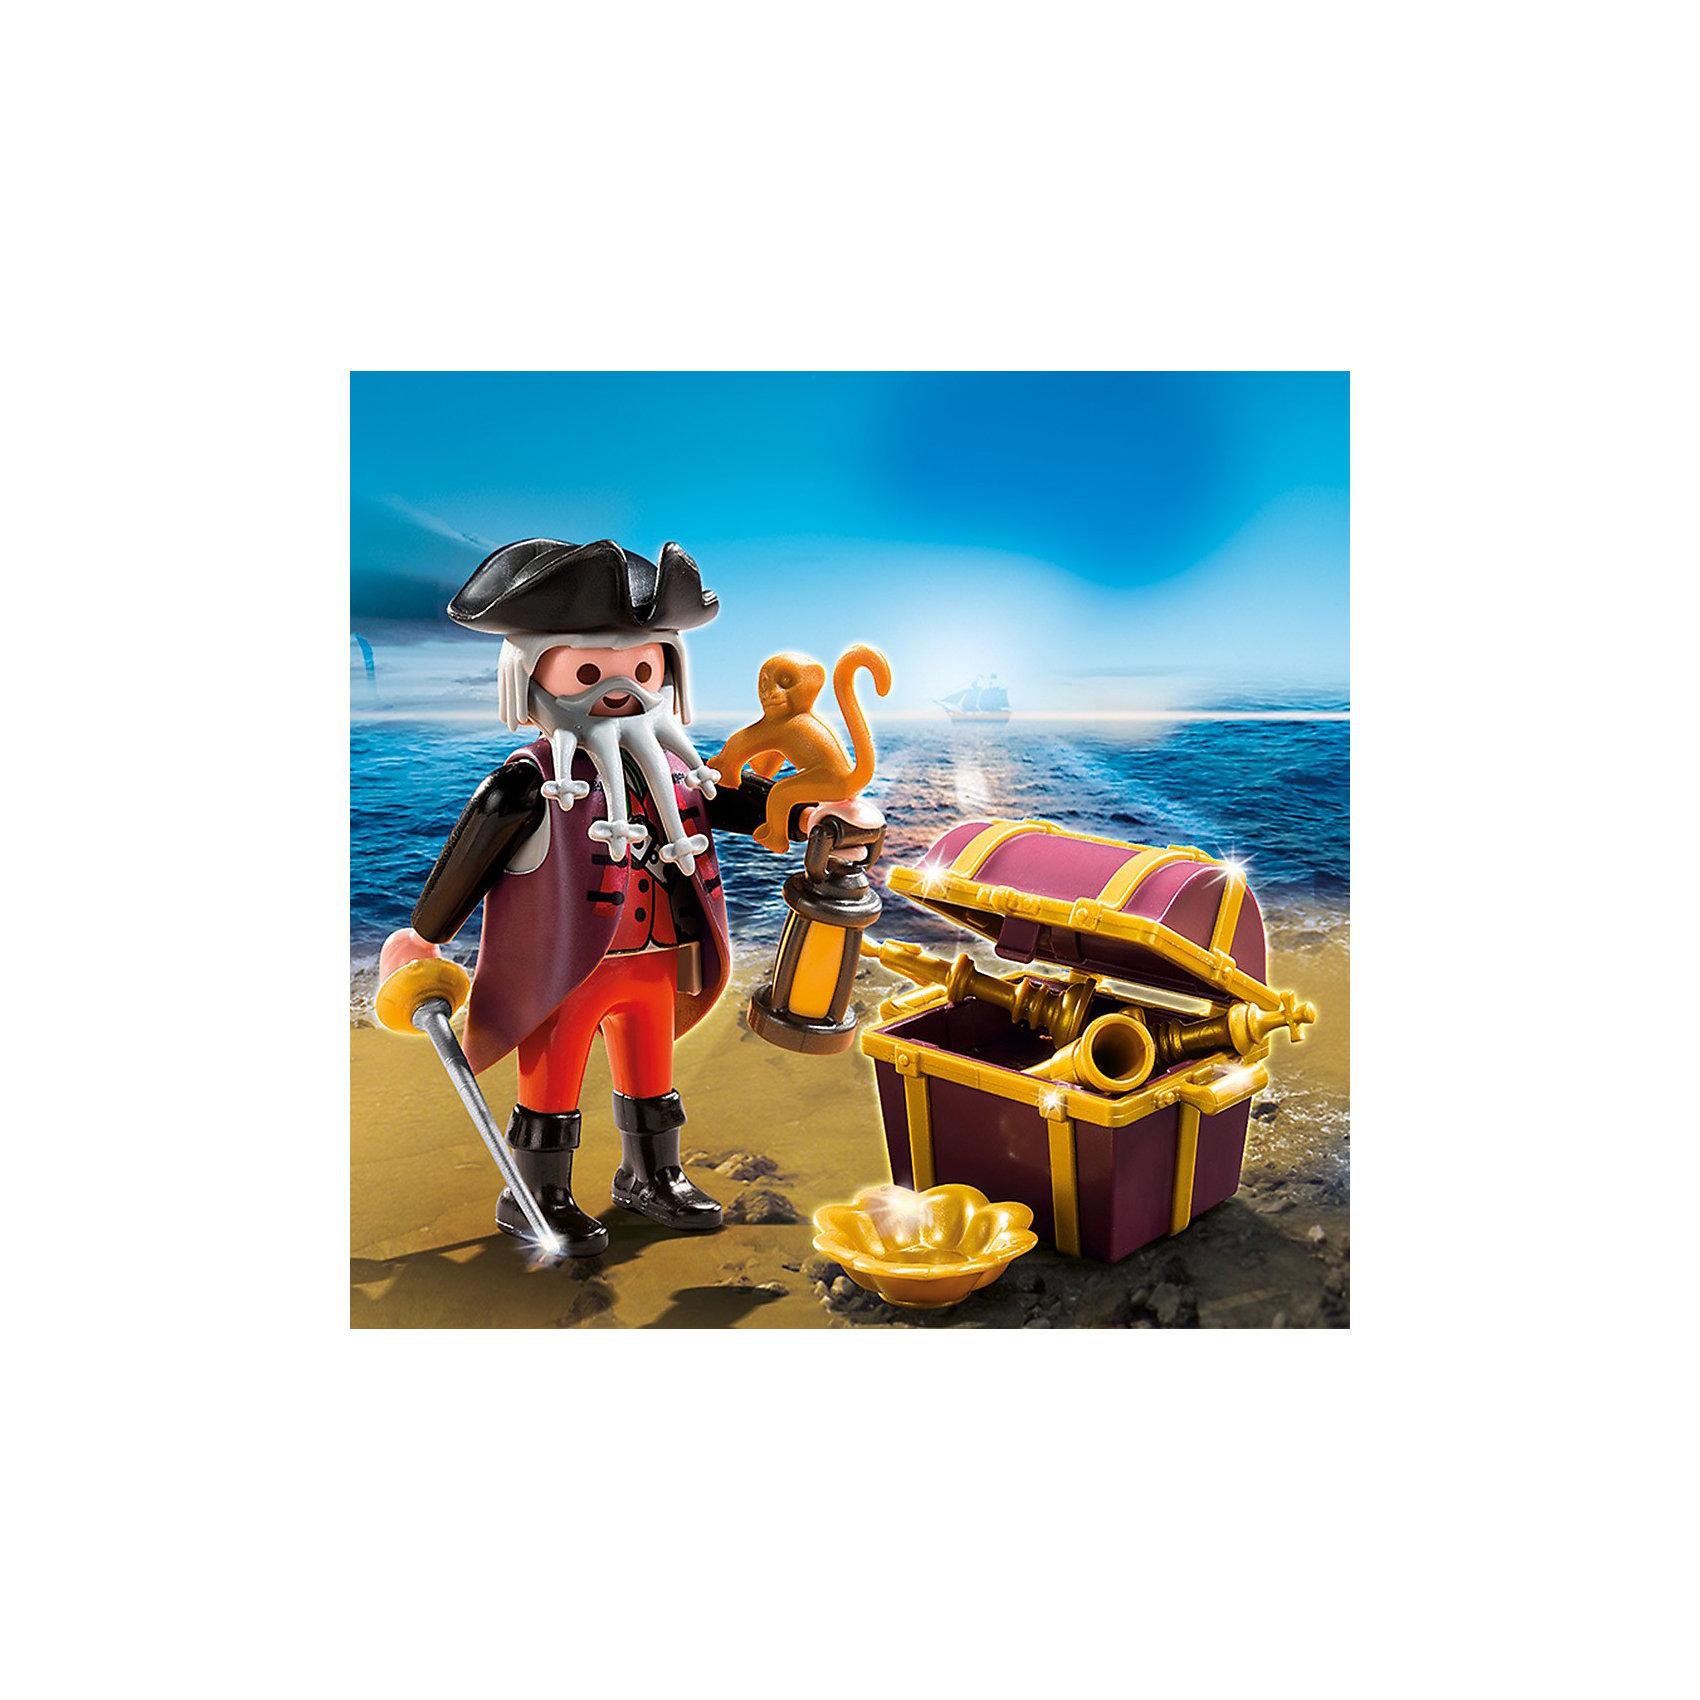 Экстра-набор: Пират и сундук с сокровищами, PLAYMOBILКонструктор PLAYMOBIL (Плеймобил) 4783 Дополнение: Пират и сундук с сокровищами - прекрасная возможность для ребенка проявить свой творческий потенциал! Серия Дополнение создана специально, чтобы сделать игры с Вашими конструкторами PLAYMOBIL (Плеймобил) еще интереснее. Пират и сундук с сокровищами станут прекрасным дополнением к наборам из серии Пираты от PLAYMOBIL (Плеймобил). Пират вместе с награбленными сокровищами попал на необитаемый остров. С ним его ручная обезьянка и помощница-сабля. Пускайся в незабываемые приключения с набором PLAYMOBIL (Плеймобил) 4783 Дополнение: Пират и сундук с сокровищами!<br><br>Дополнительная информация:<br><br>- Конструкторы PLAYMOBIL (Плеймобил) отлично развивают мелкую моторику, фантазию и воображение;<br>- В наборе: минифигурка пирата, фонарик, сундук, меч, обезьянка, сокровища;<br>- Количество деталей: 11 шт;<br>- Материал: безопасный пластик;<br>- Размер минифигурки: 7,5 см;<br>- Размер упаковки: 14 х 10 х 4 см<br><br>Конструктор PLAYMOBIL (Плеймобил) 4783 Дополнение: Пират и сундук с сокровищами можно купить в нашем интернет-магазине.<br><br>Ширина мм: 158<br>Глубина мм: 104<br>Высота мм: 38<br>Вес г: 59<br>Возраст от месяцев: 48<br>Возраст до месяцев: 120<br>Пол: Мужской<br>Возраст: Детский<br>SKU: 3350628